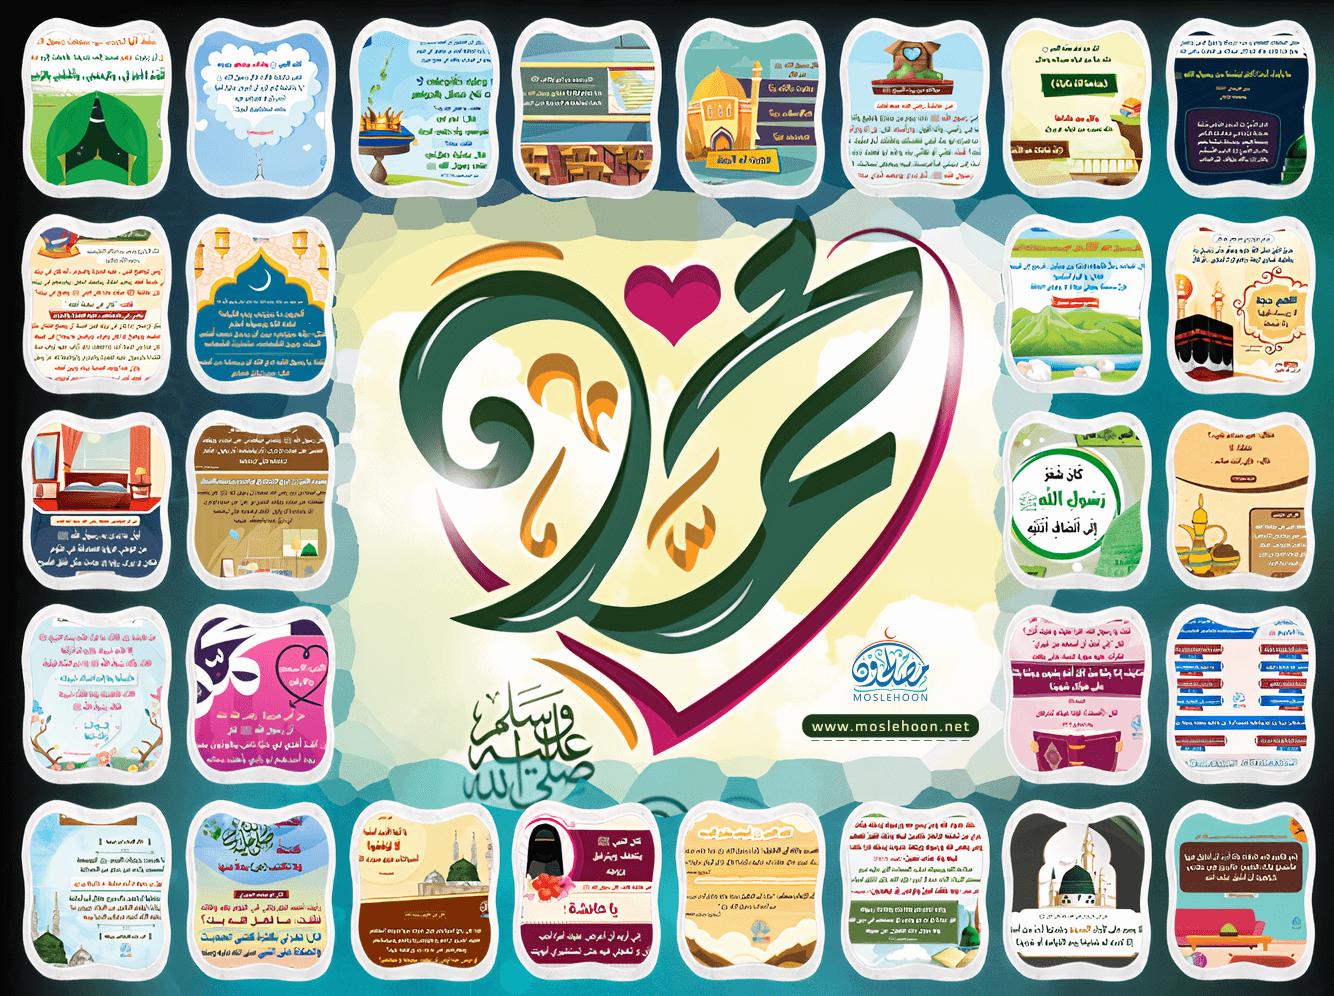 تجميعة تصميمات نصرة النبي ﷺ (ج2) 100 تصميم من فريق مصلحون